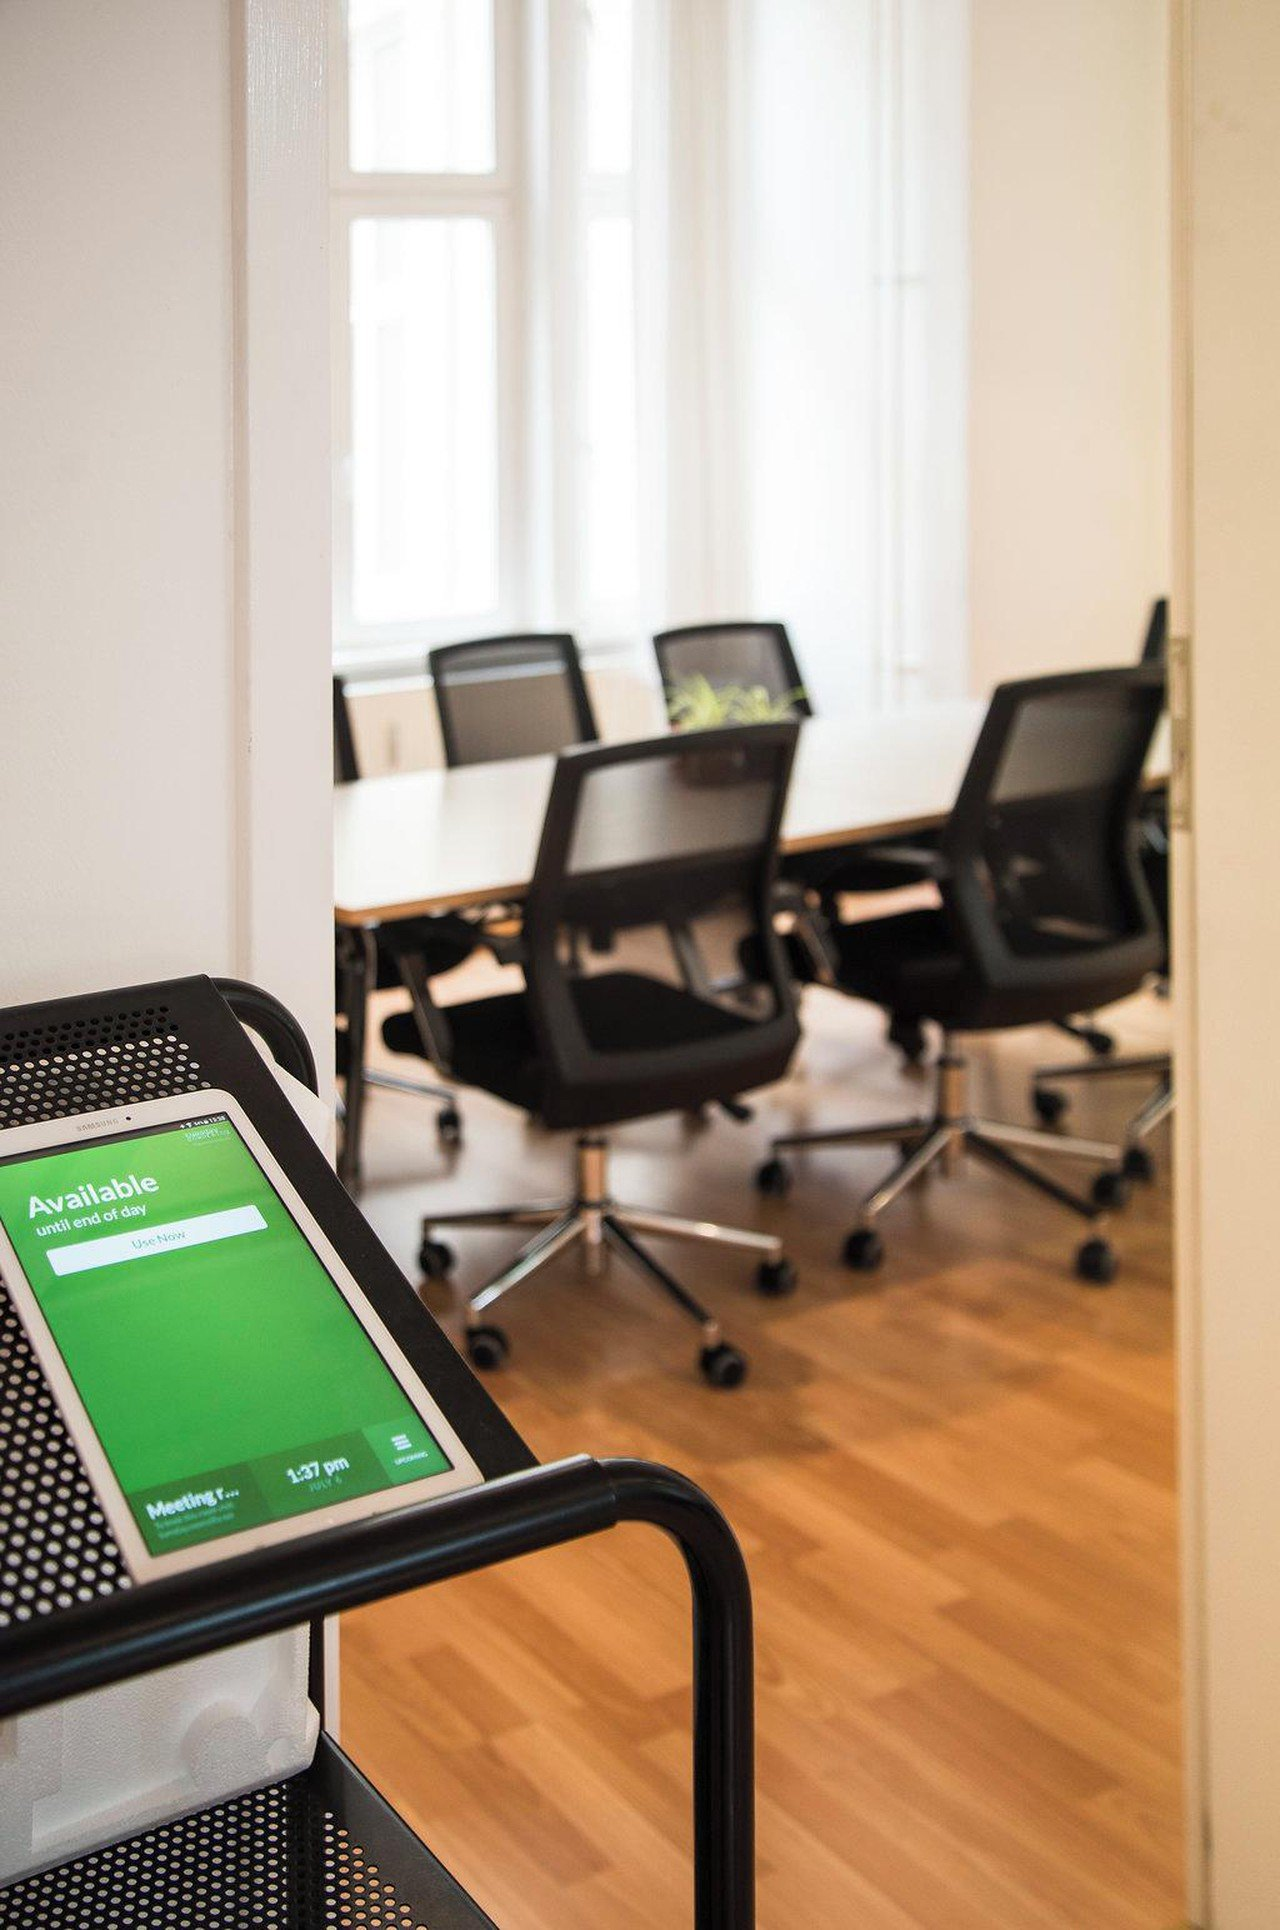 Berlin  Coworking space Belziger Strasse - Meeting room image 4